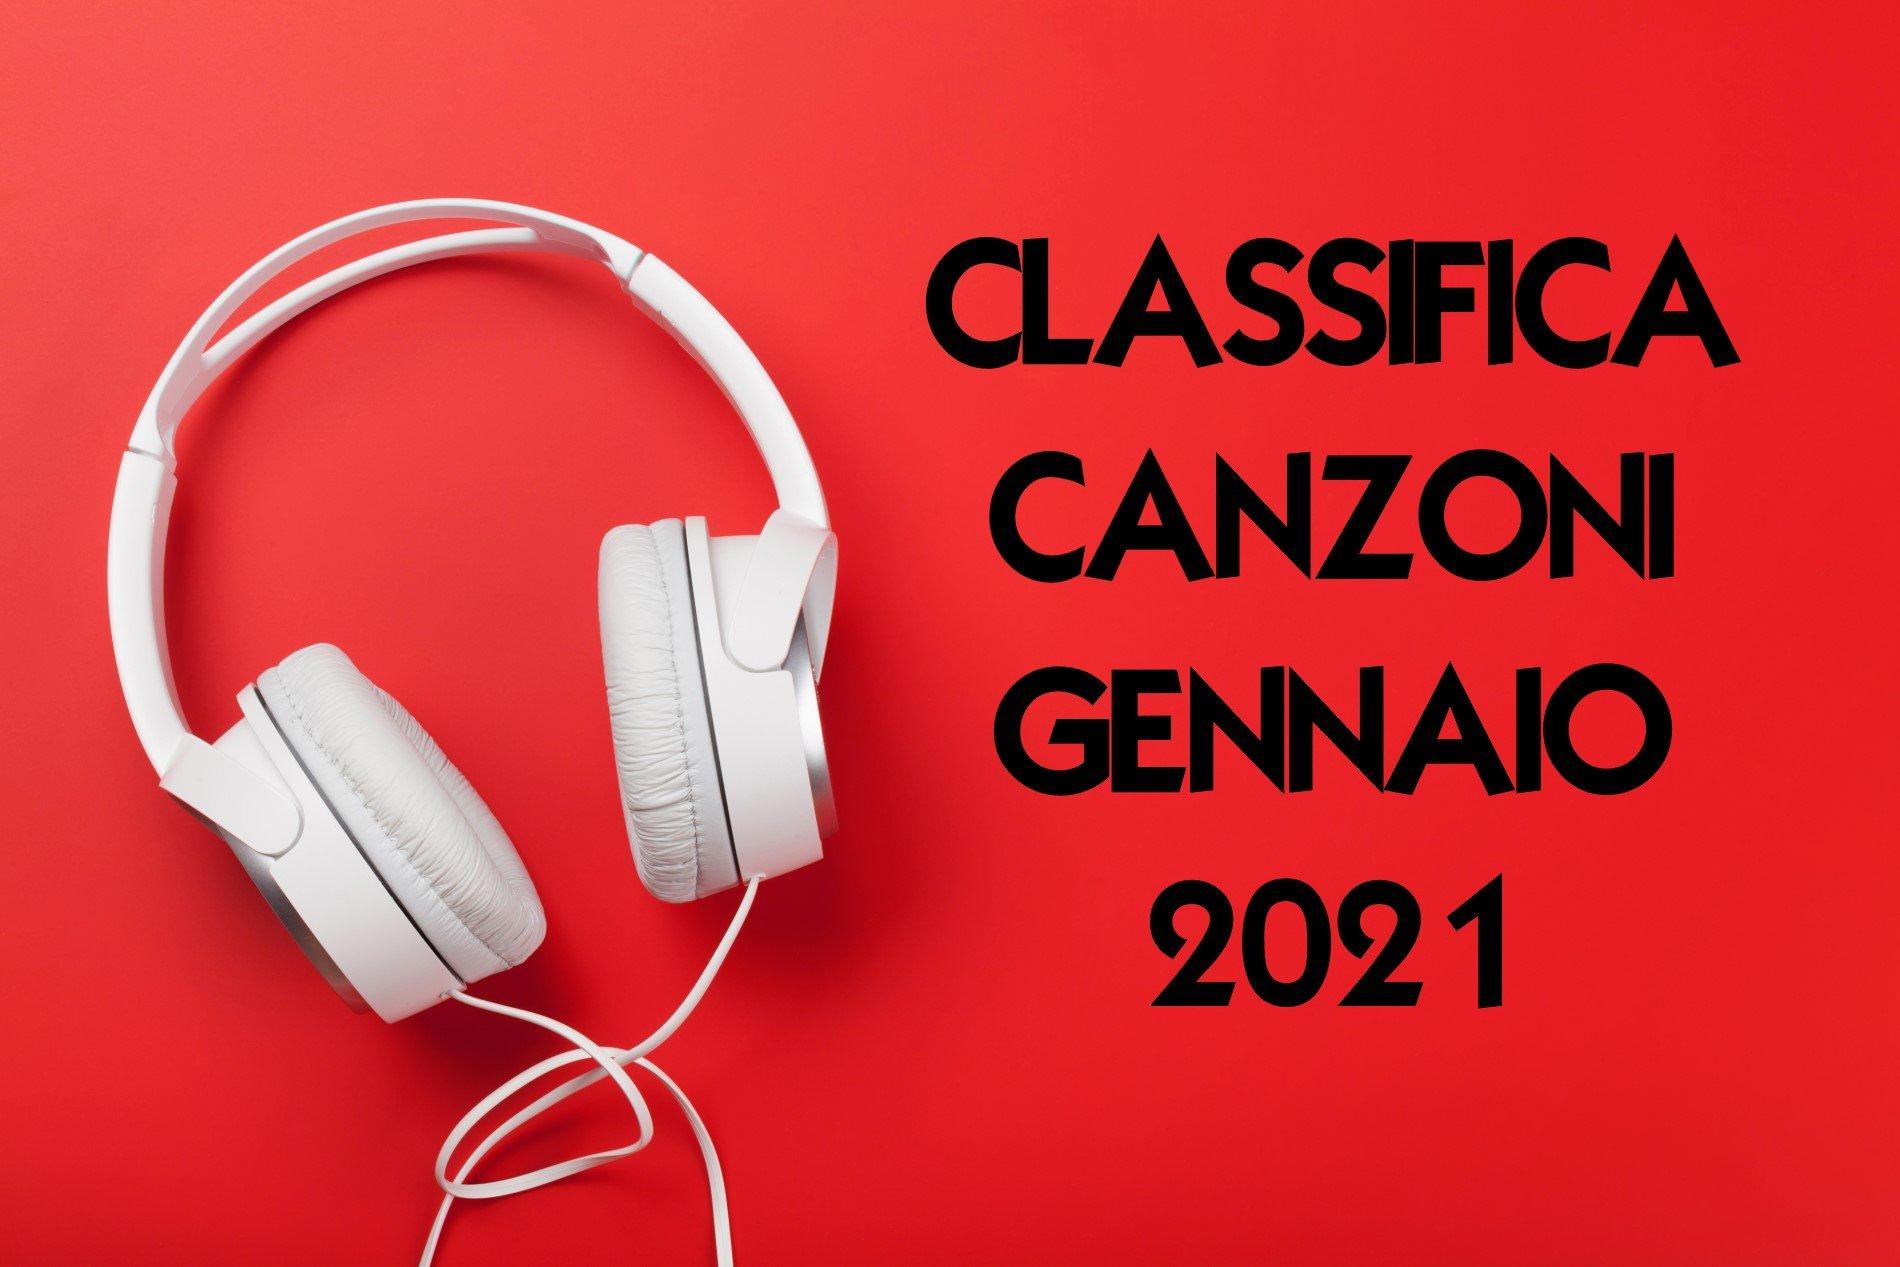 CLASSIFICA CANZONI GENNAIO 2021 CANZONI DEL MOMENTO